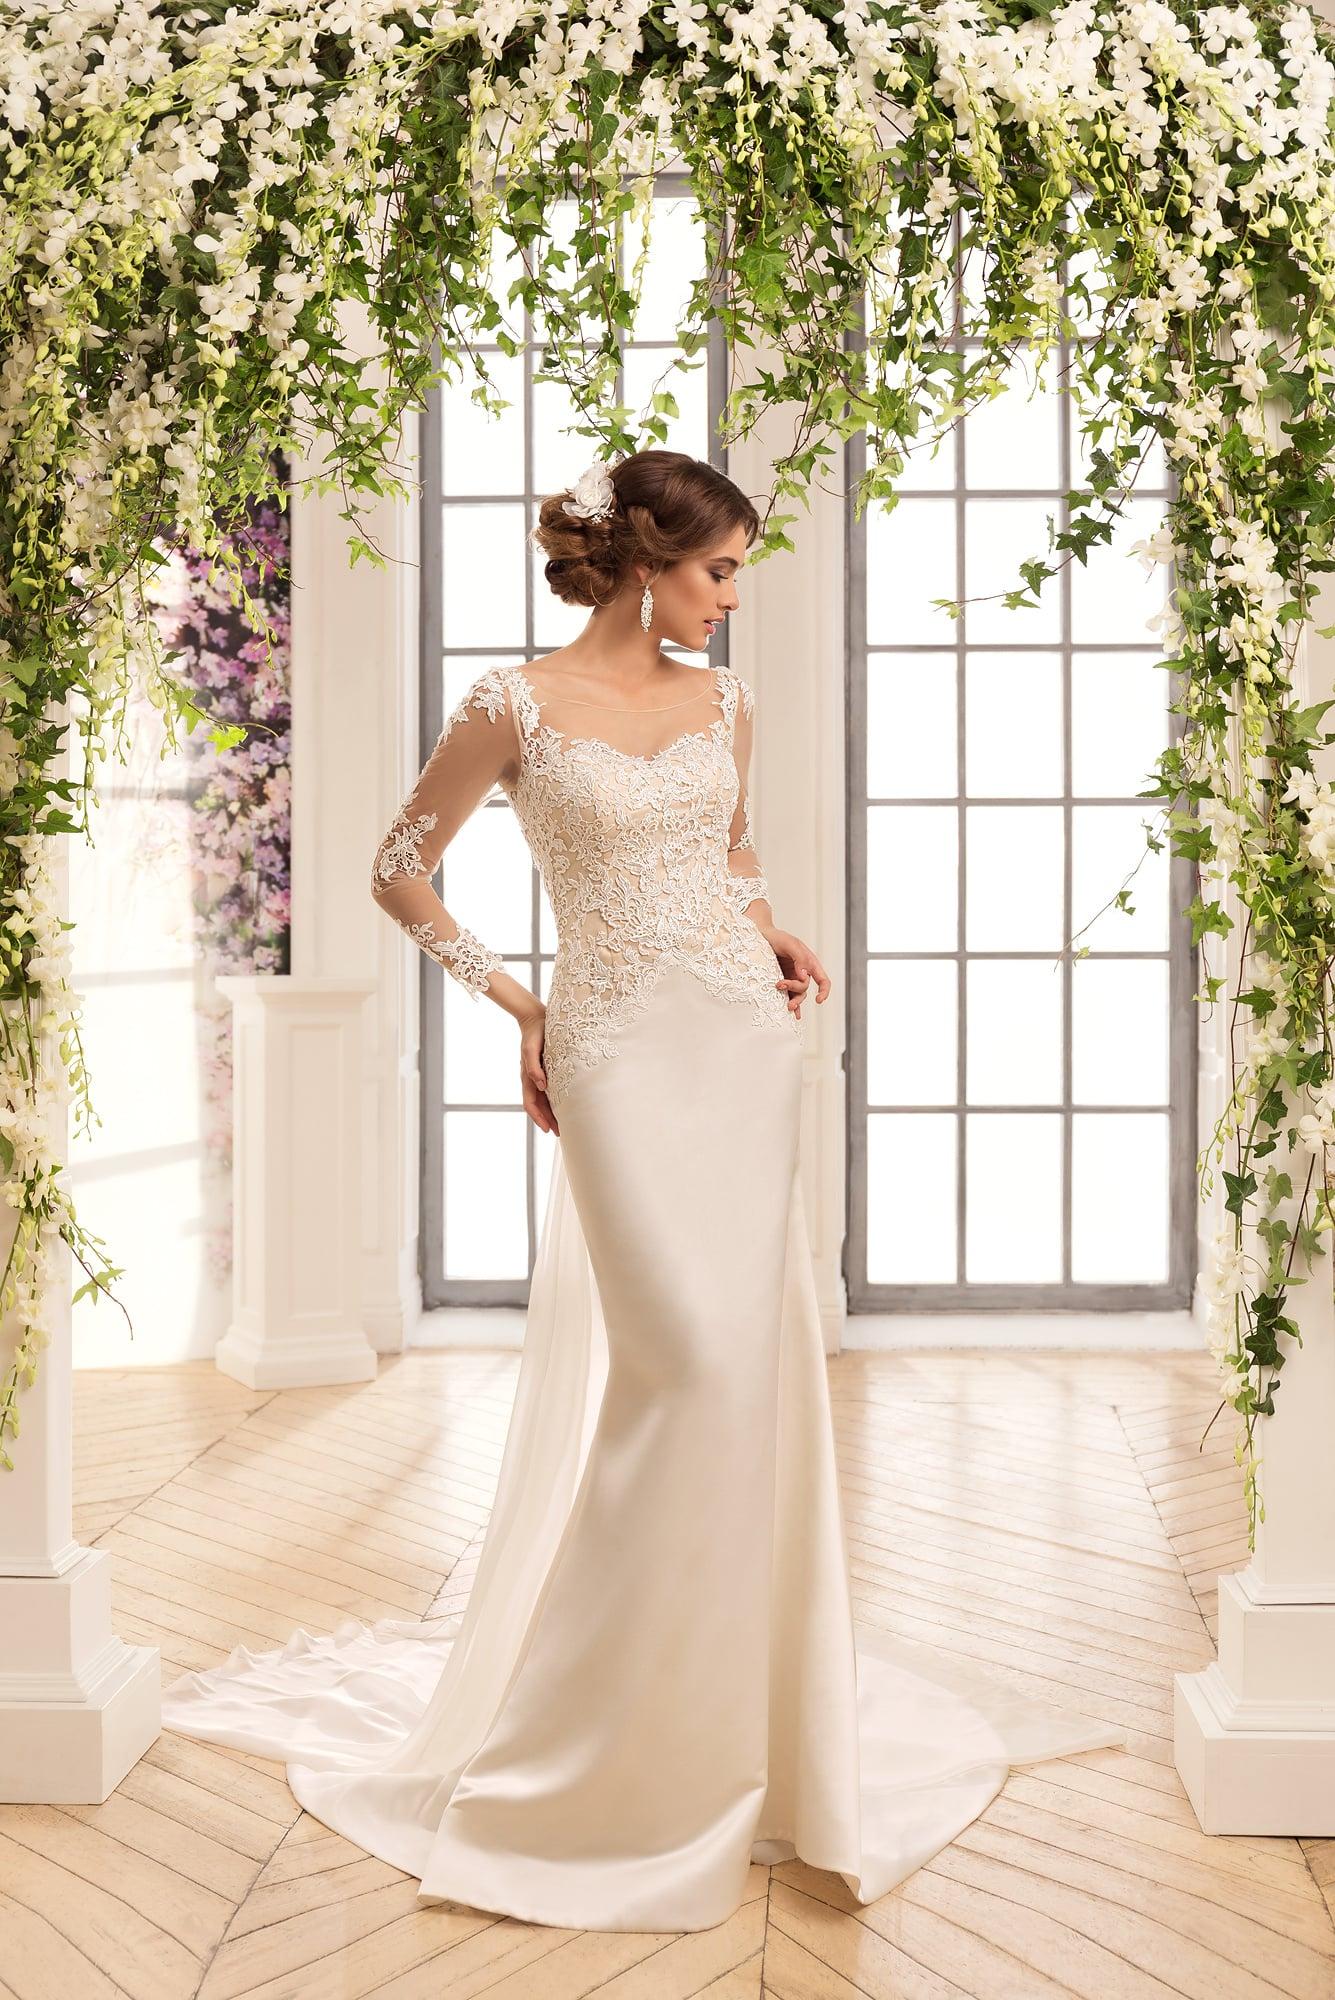 263ef5b81f5f97 Прямое свадебное платье из атласной ткани с элегантным шлейфом и длинными  рукавами.